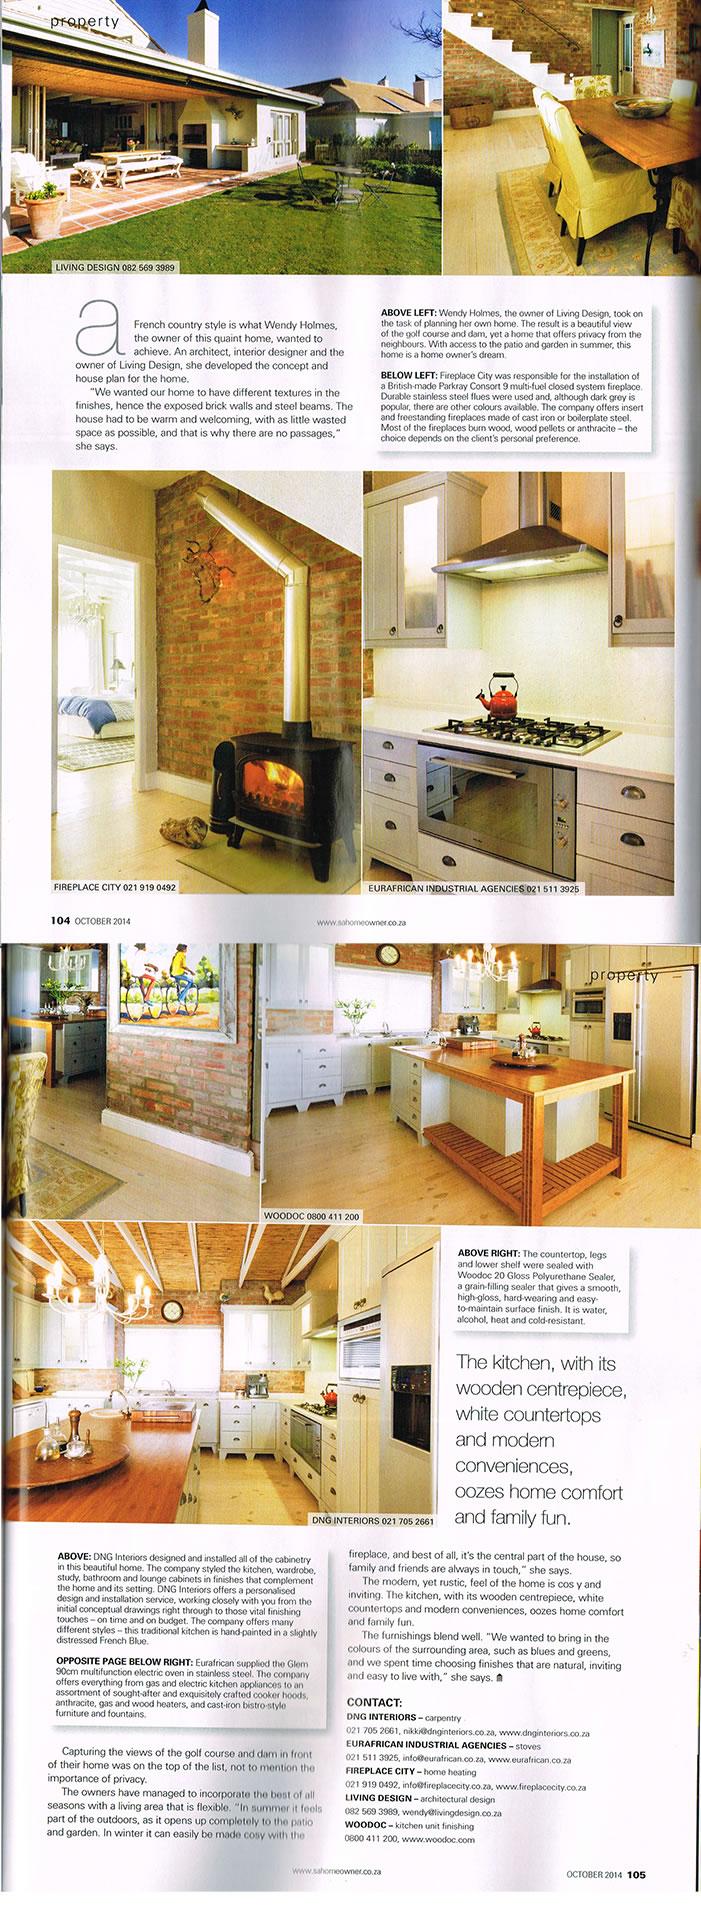 Living Design - magazine article